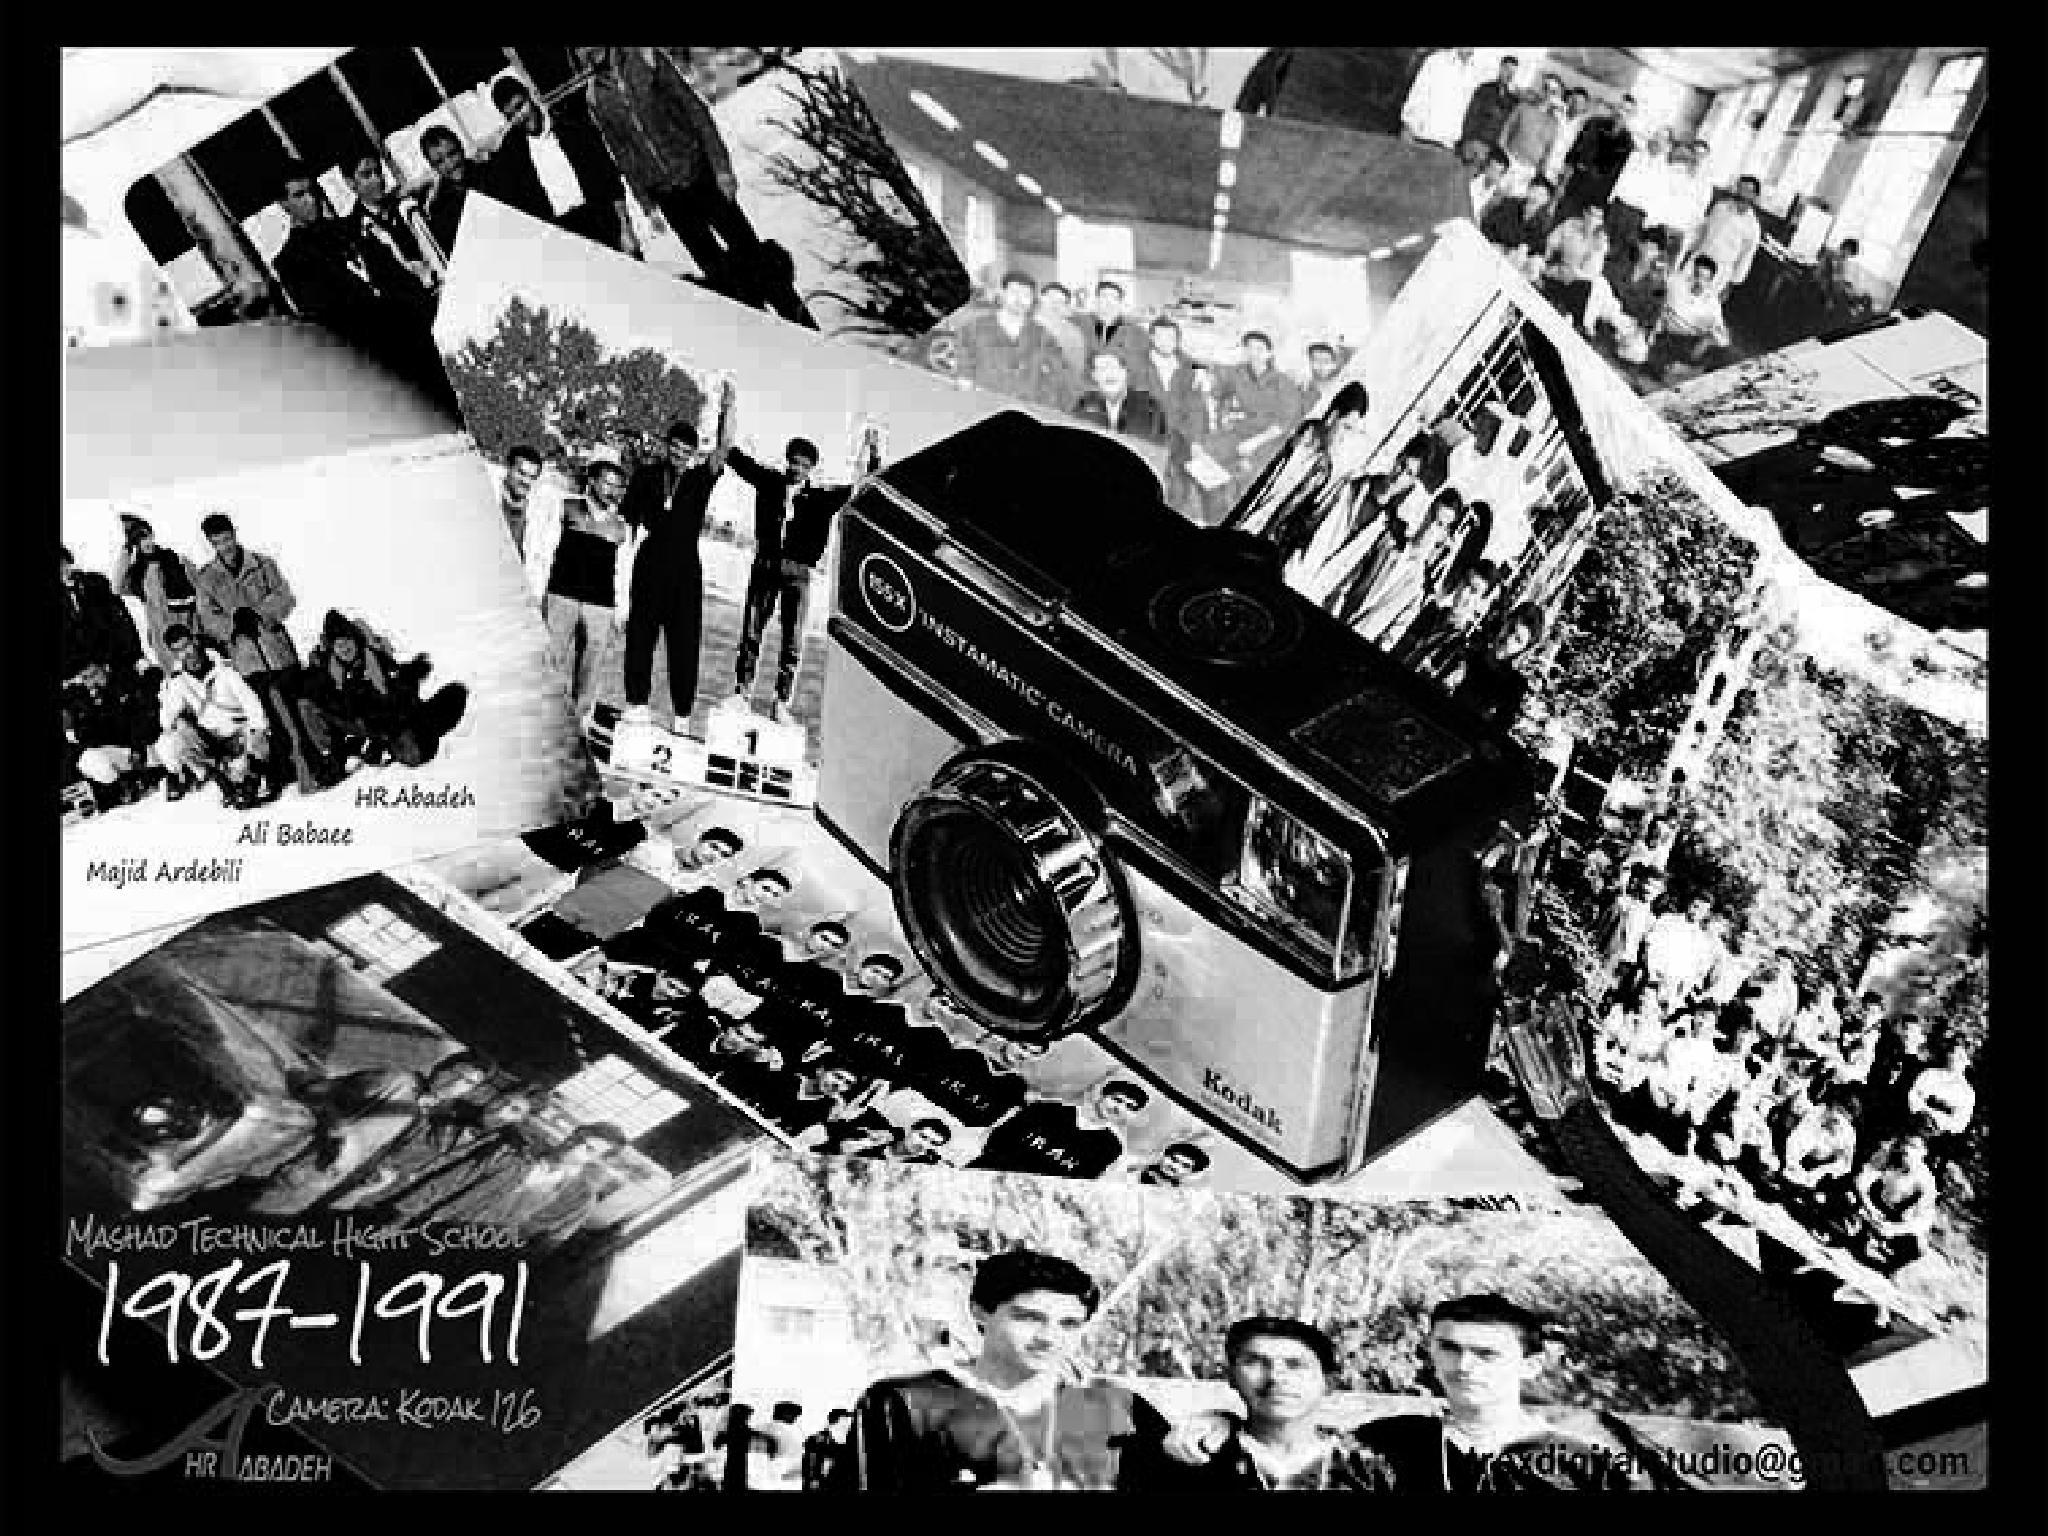 """""""  KODAK 126 """" (in memory of Kodak co.) by HR ABADEH"""